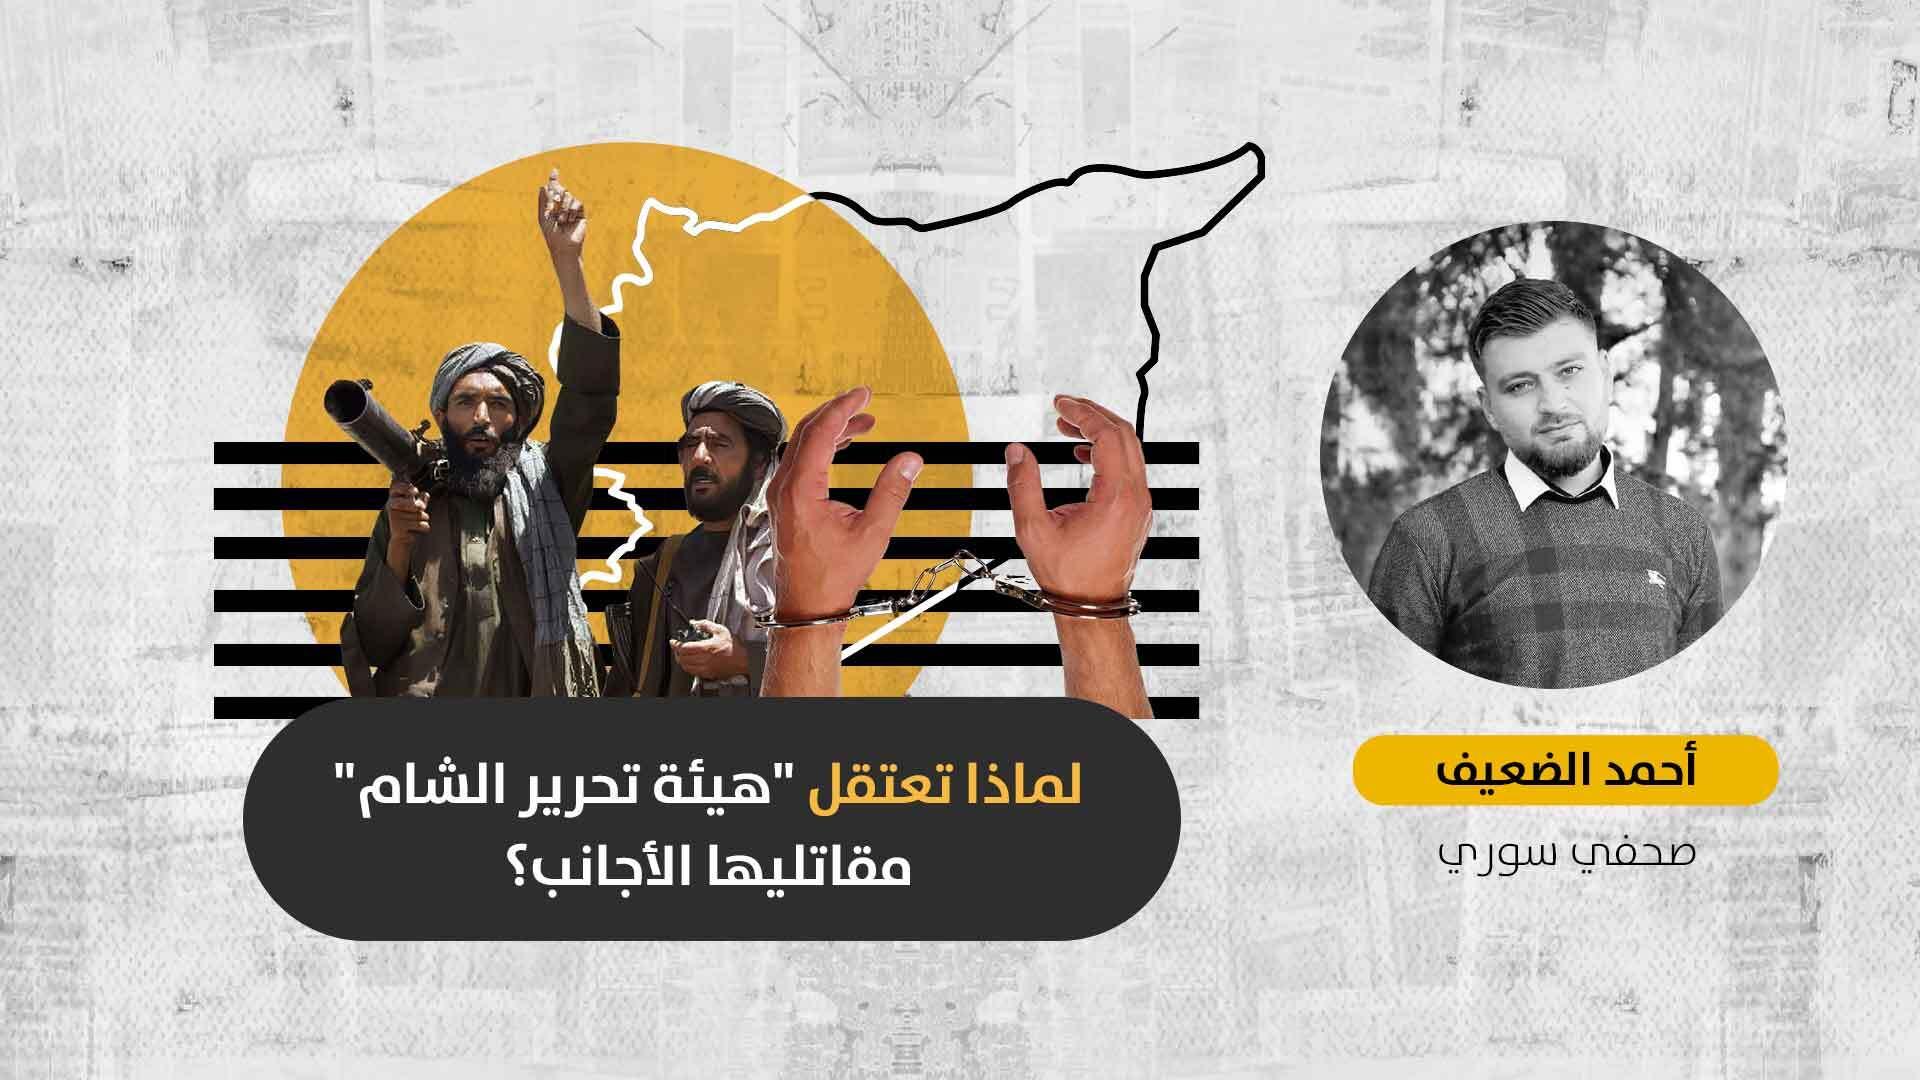 اعتقال الجهاديين الأجانب في إدلب: صراع داخلي على النفوذ أم محاولة من هيئة تحرير الشام لمغازلة الغرب؟